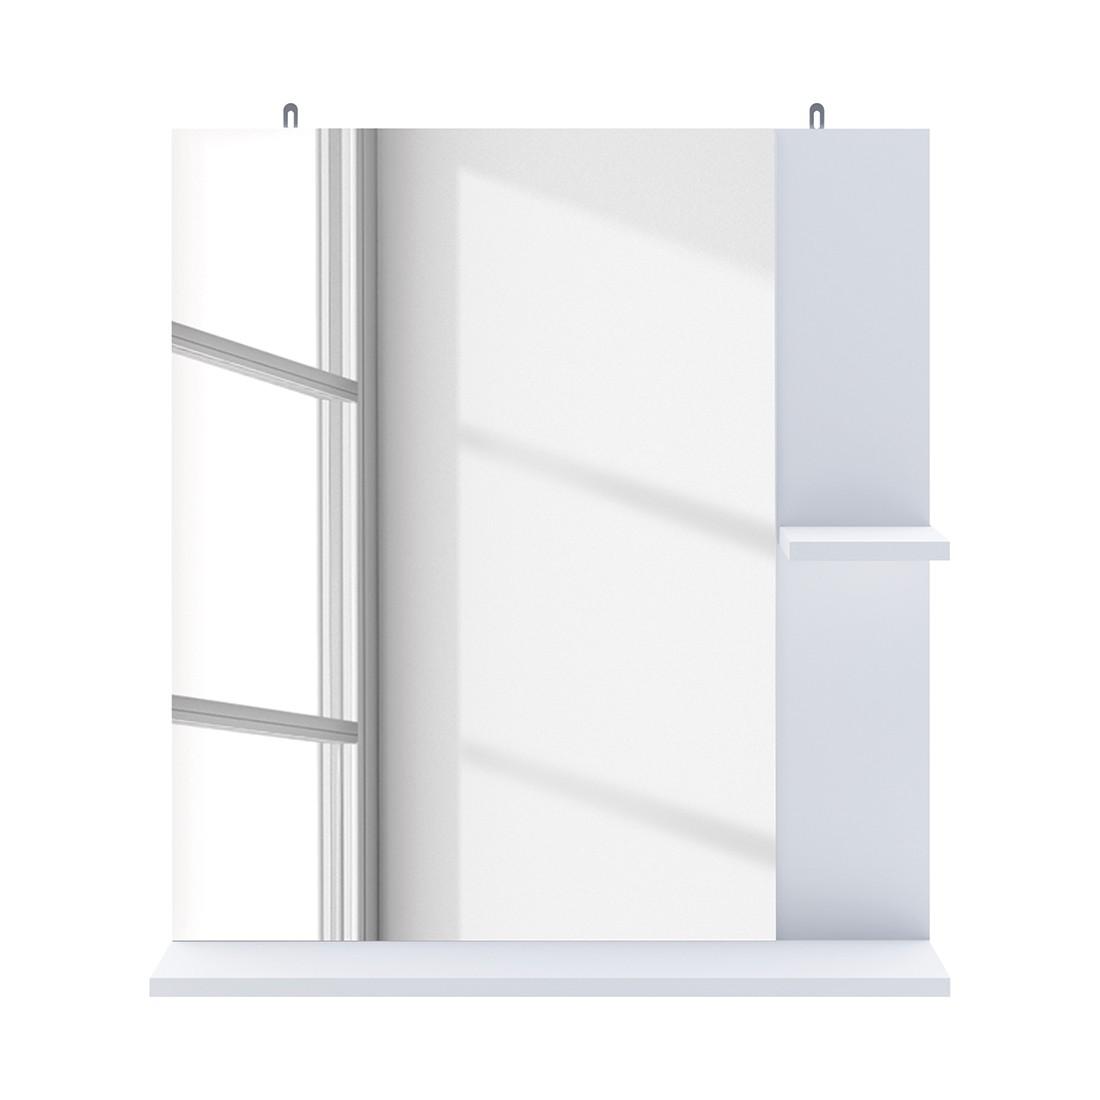 Specchio contenitore bagno bianco ad angolo prezzo e - Specchio bianco ...